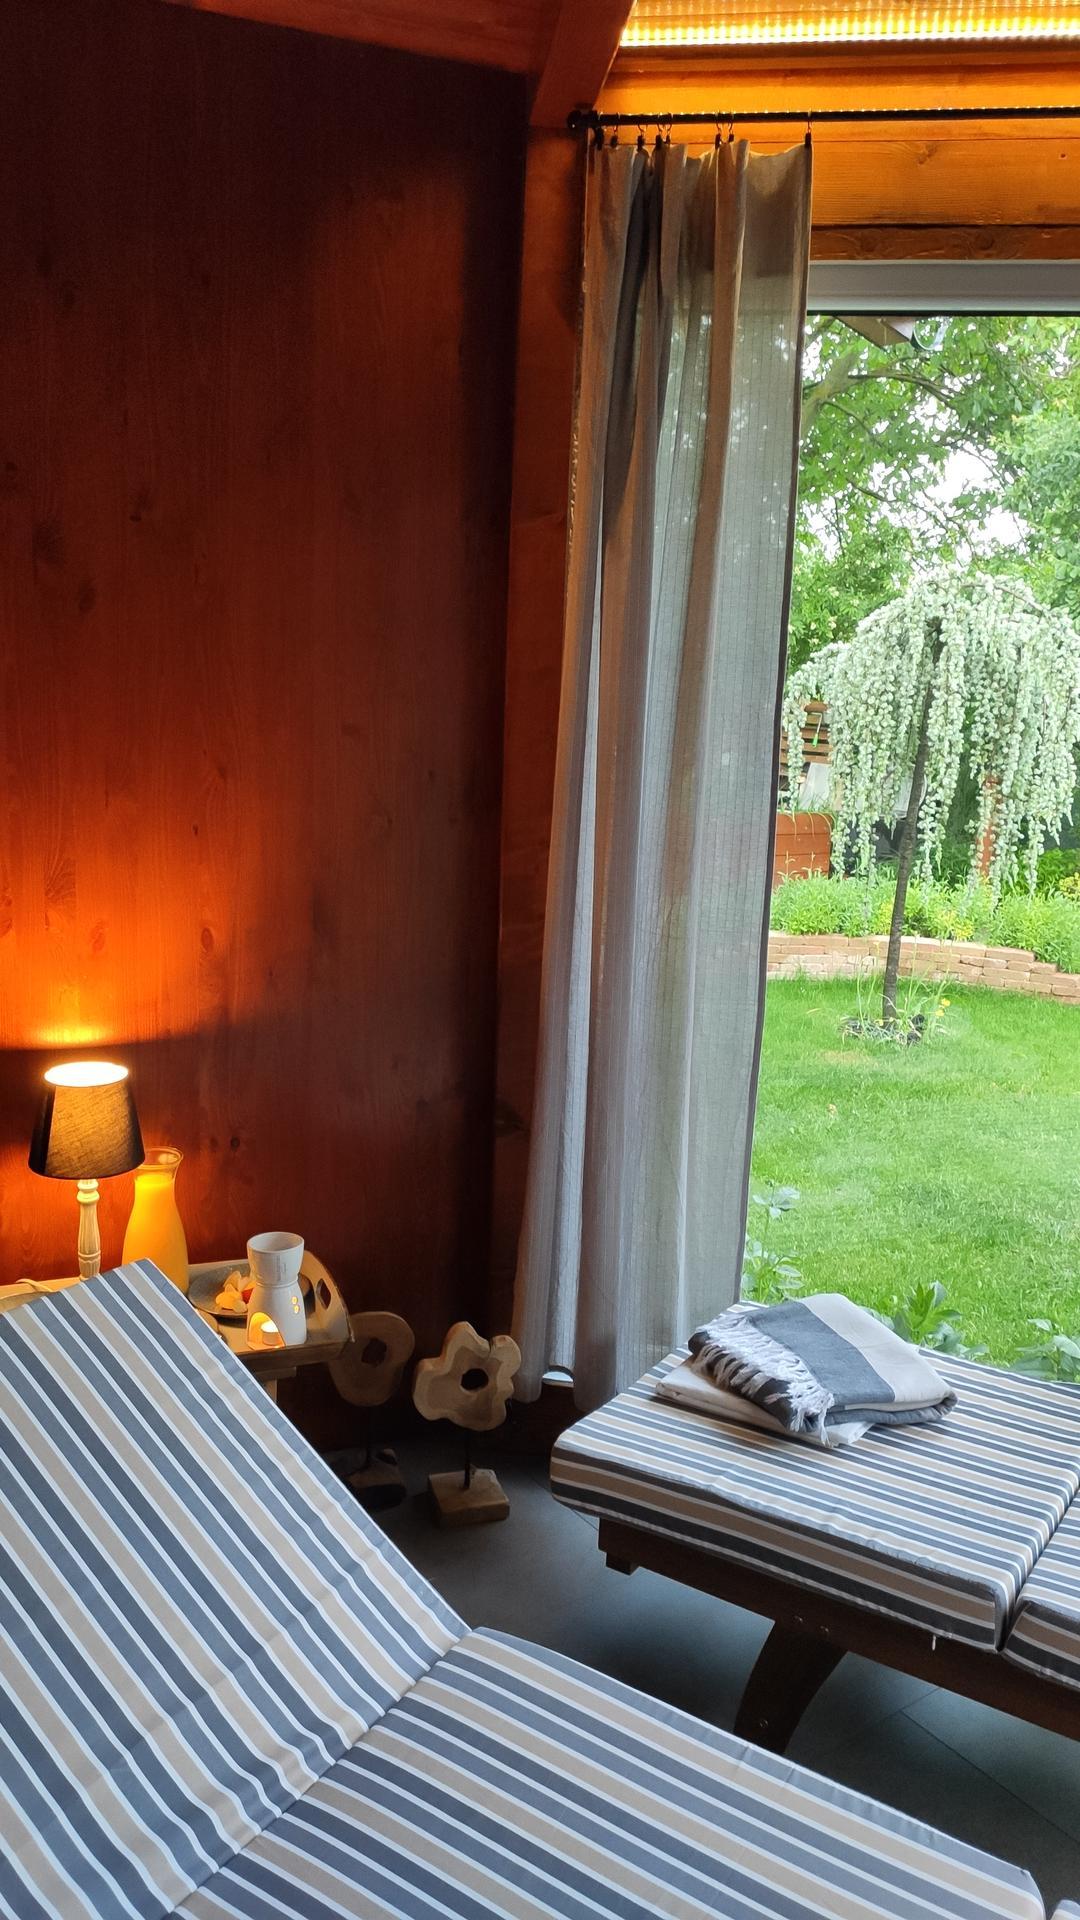 Relaxačný domček sauna a oddychová miestnosť ... plány, príprava a realizácia - Obrázok č. 228